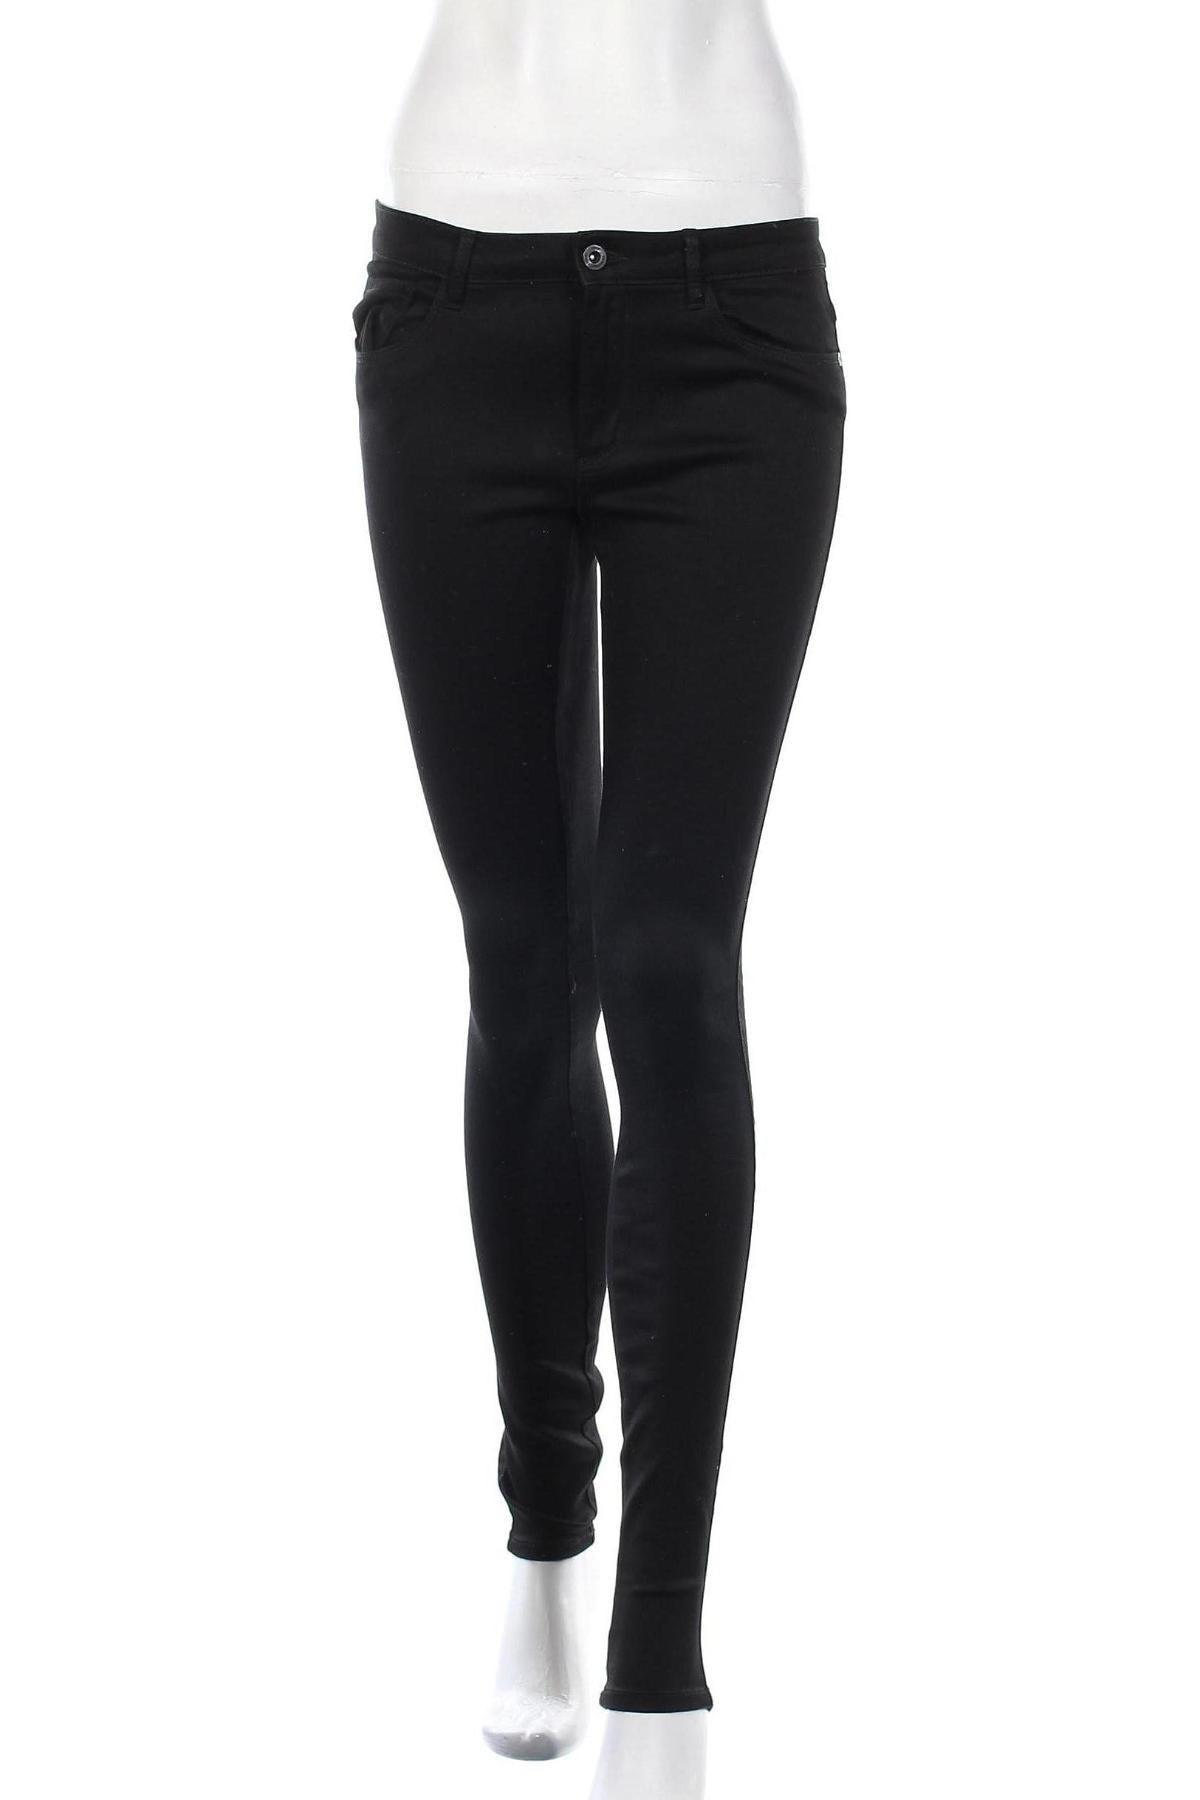 Дамски дънки ONLY, Размер M, Цвят Черен, 50% памук, 29% полиестер, 19% памук, 2% еластан, Цена 44,85лв.